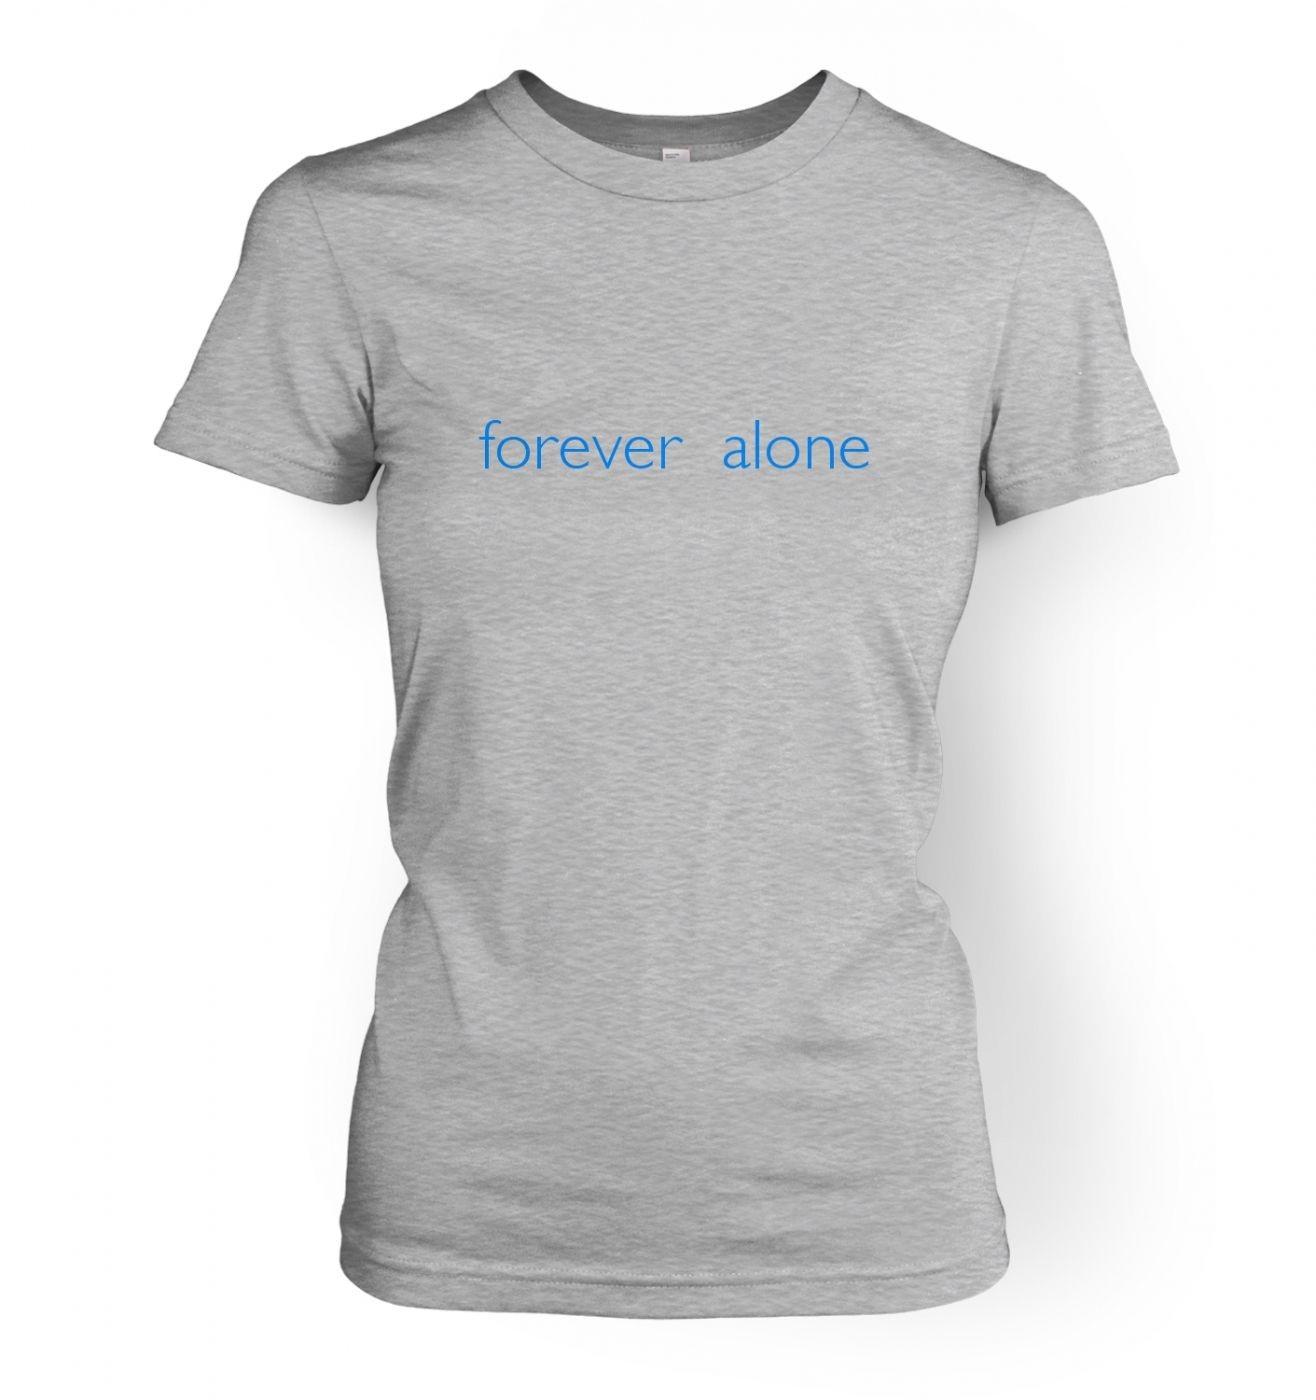 b47476f23b7203 Forever alone womens t-shirt - Somethinggeeky